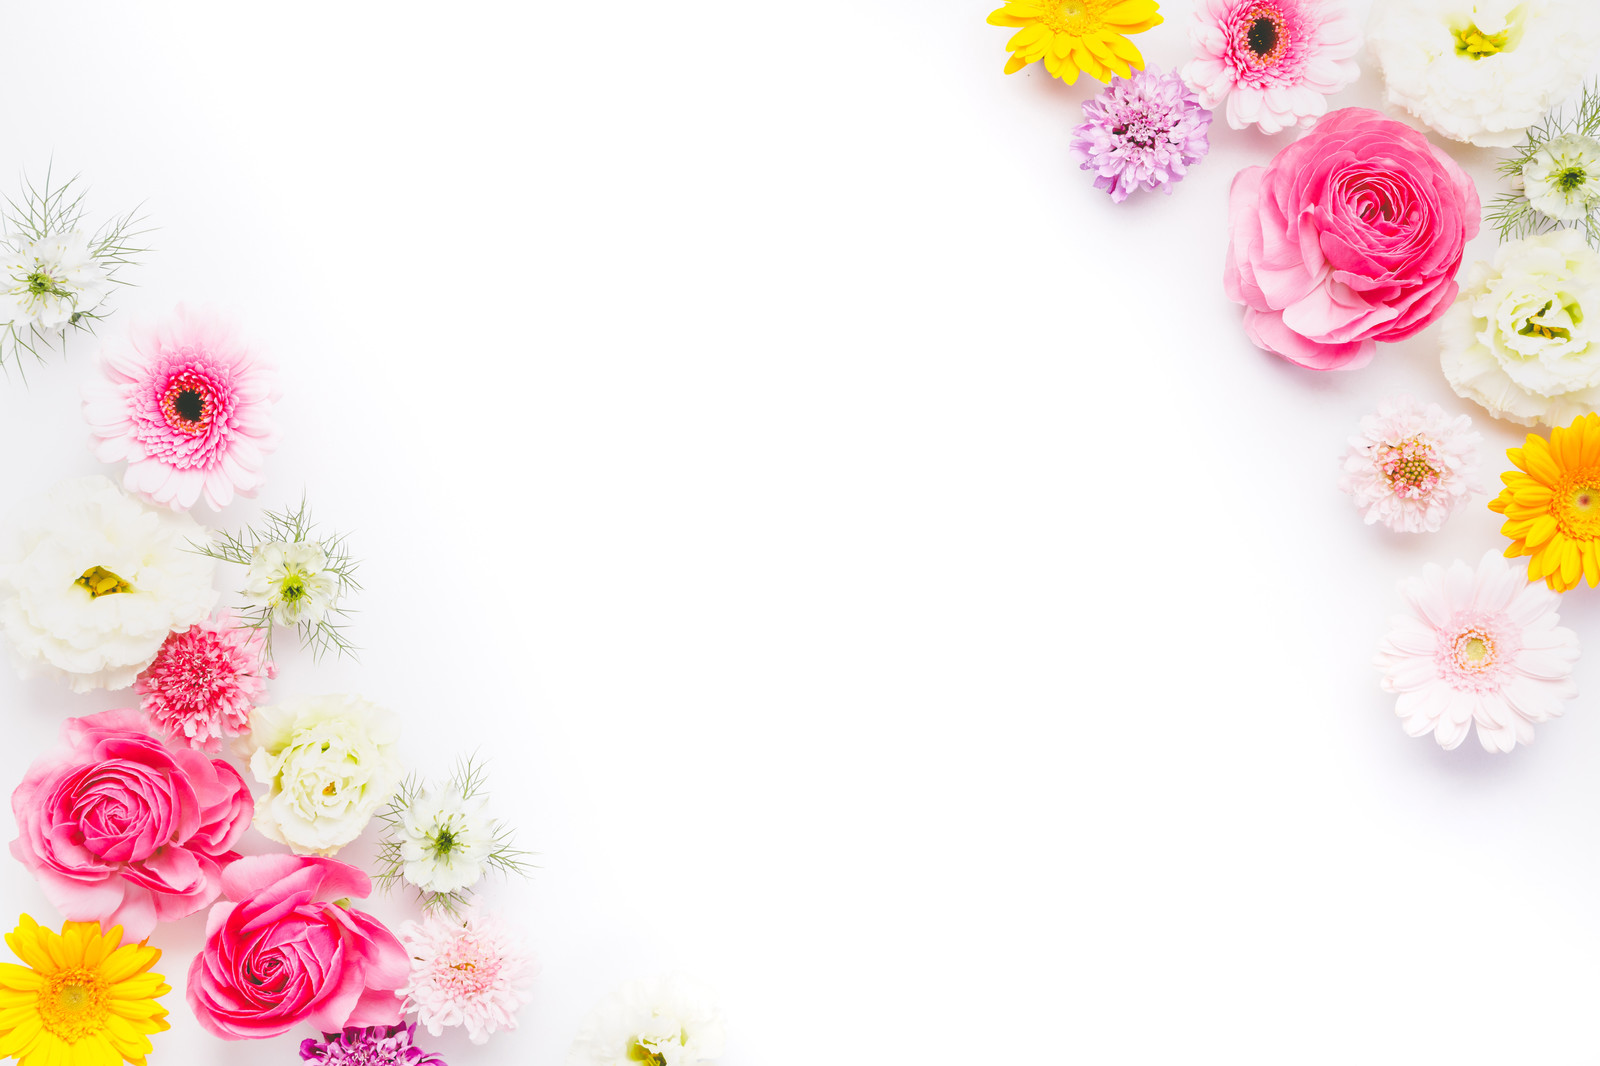 「背景デザインに使いやすいお花のフレーム」の写真